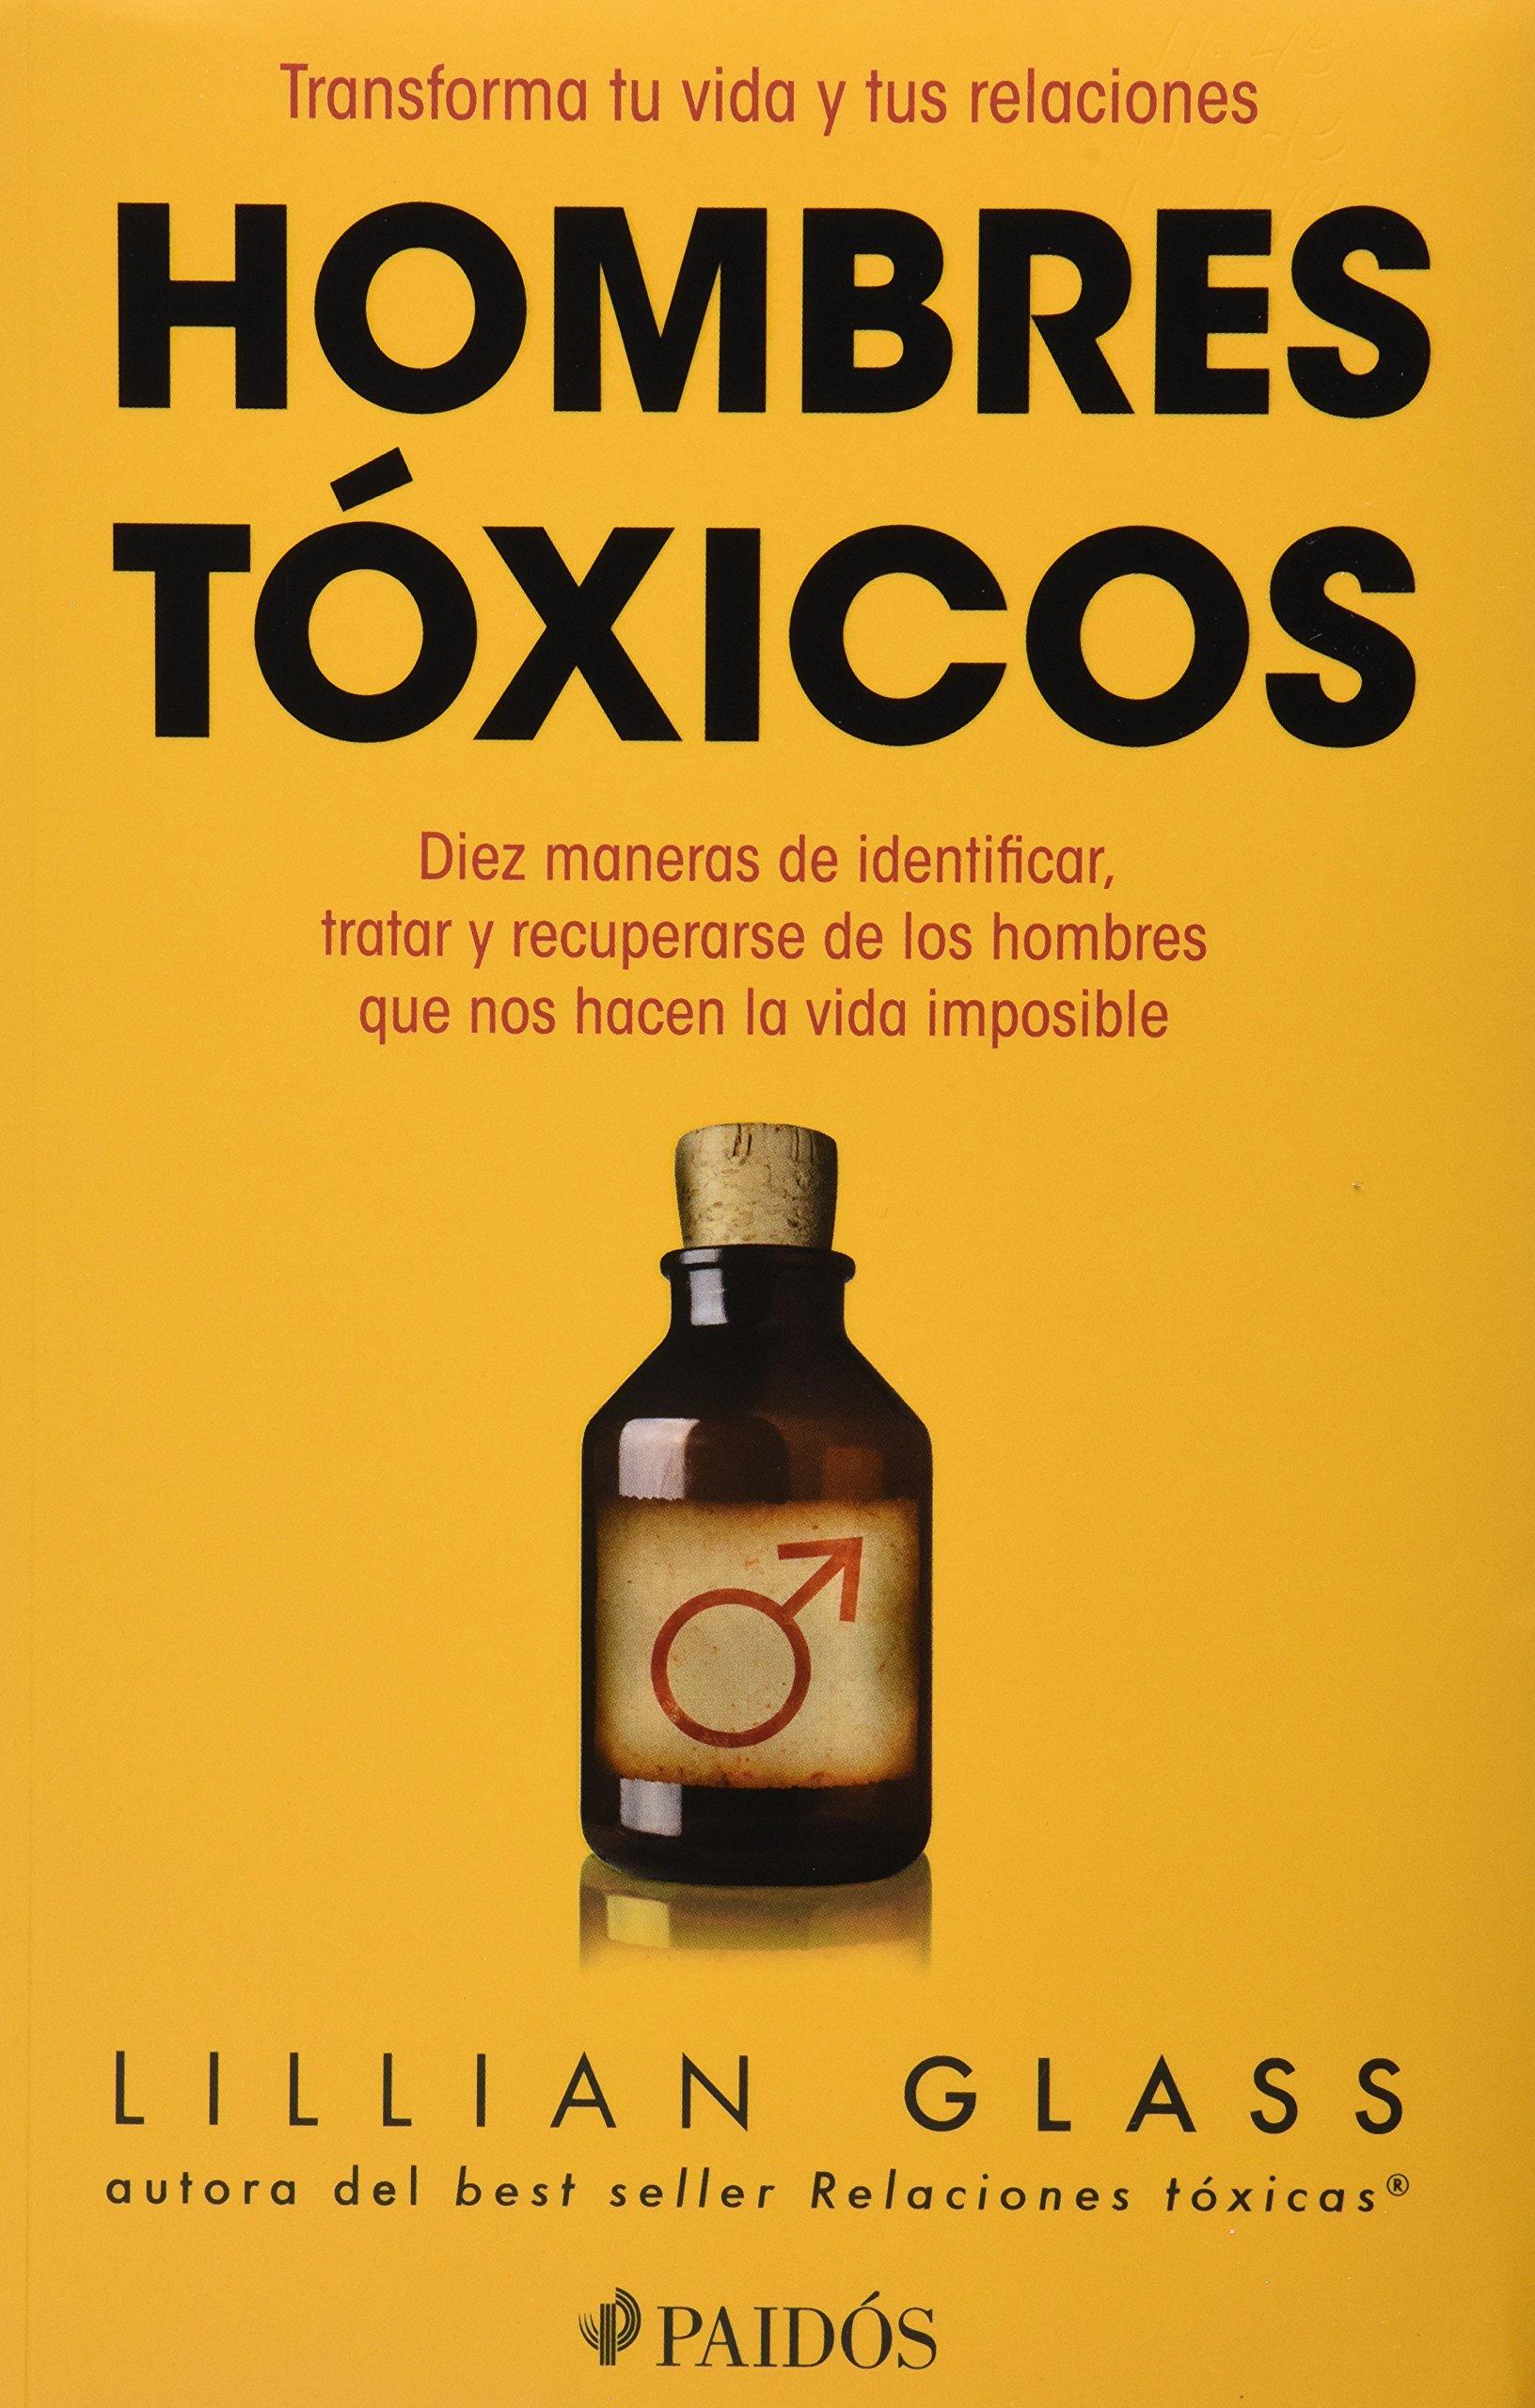 Download Hombres toxicos: diez maneras de identificar, tratar y recupearse de los hombres que nos hacen la vida imposible (Spanish Edition) ebook